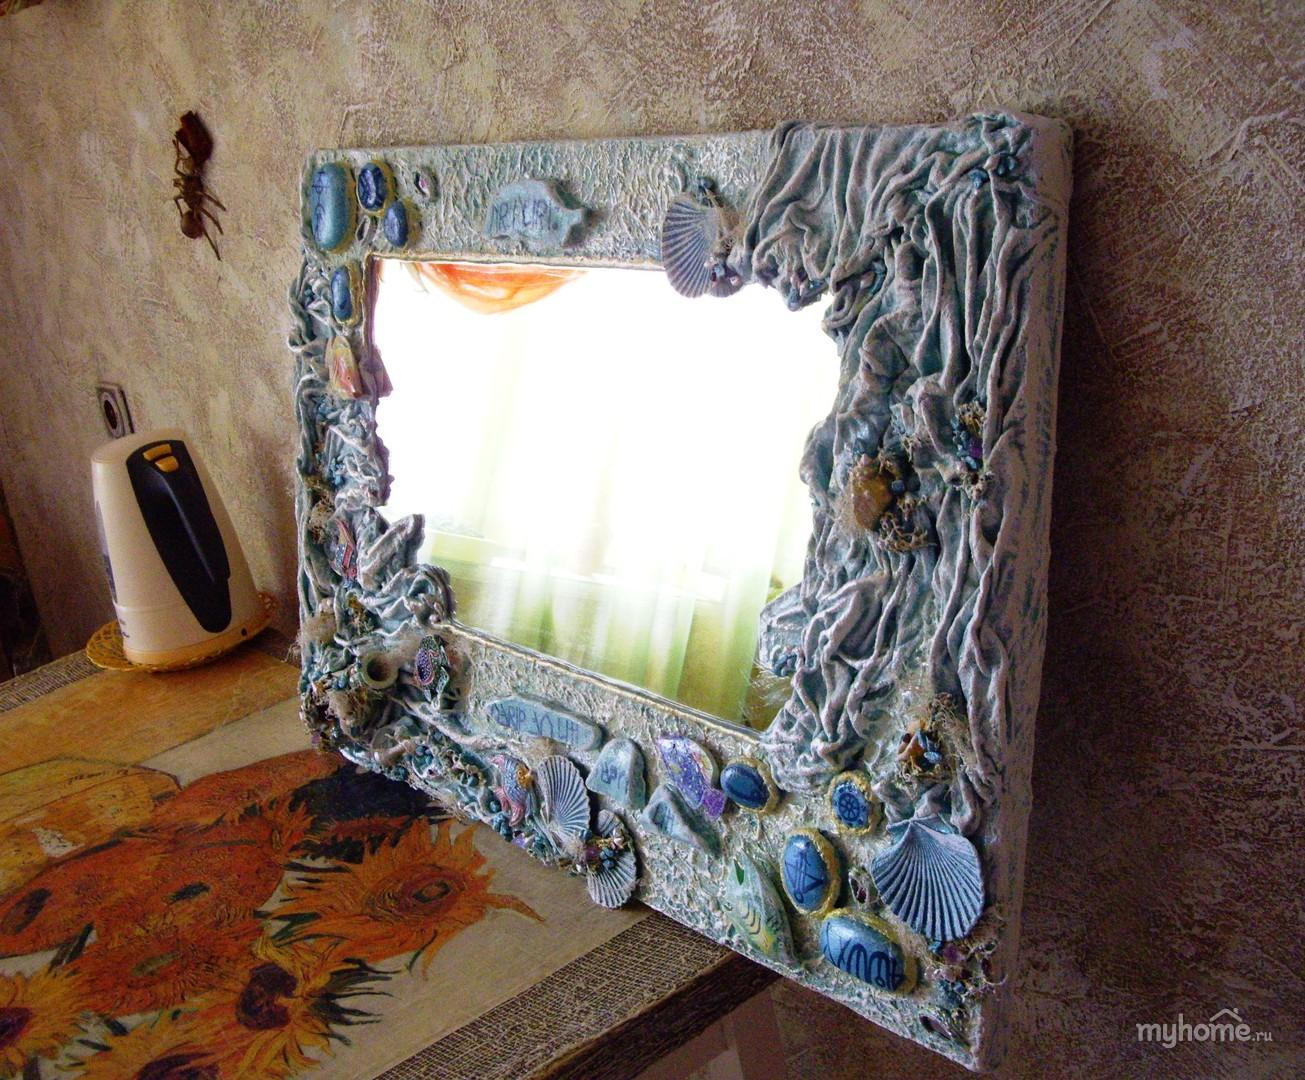 Можно ли восстановить зеркало. вдыхаем жизнь в старое зеркало. плюсы реставрации зеркала своими руками